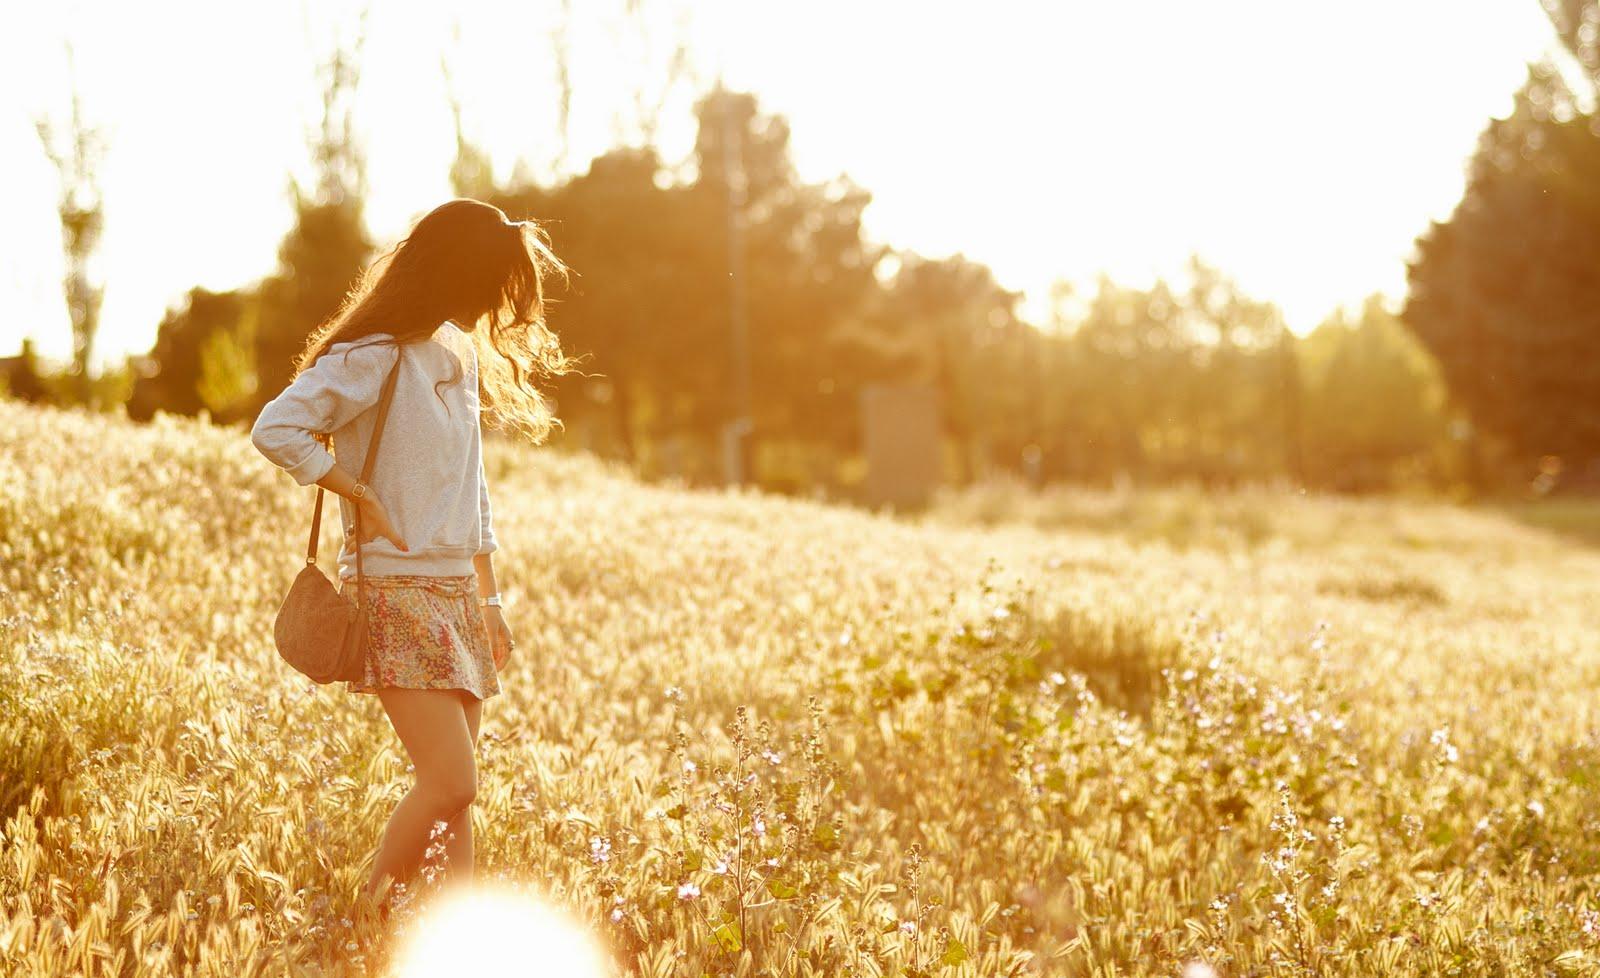 Imágenes En Png Para Editar: Amo Editar♥: Imágenes Para Editar♥